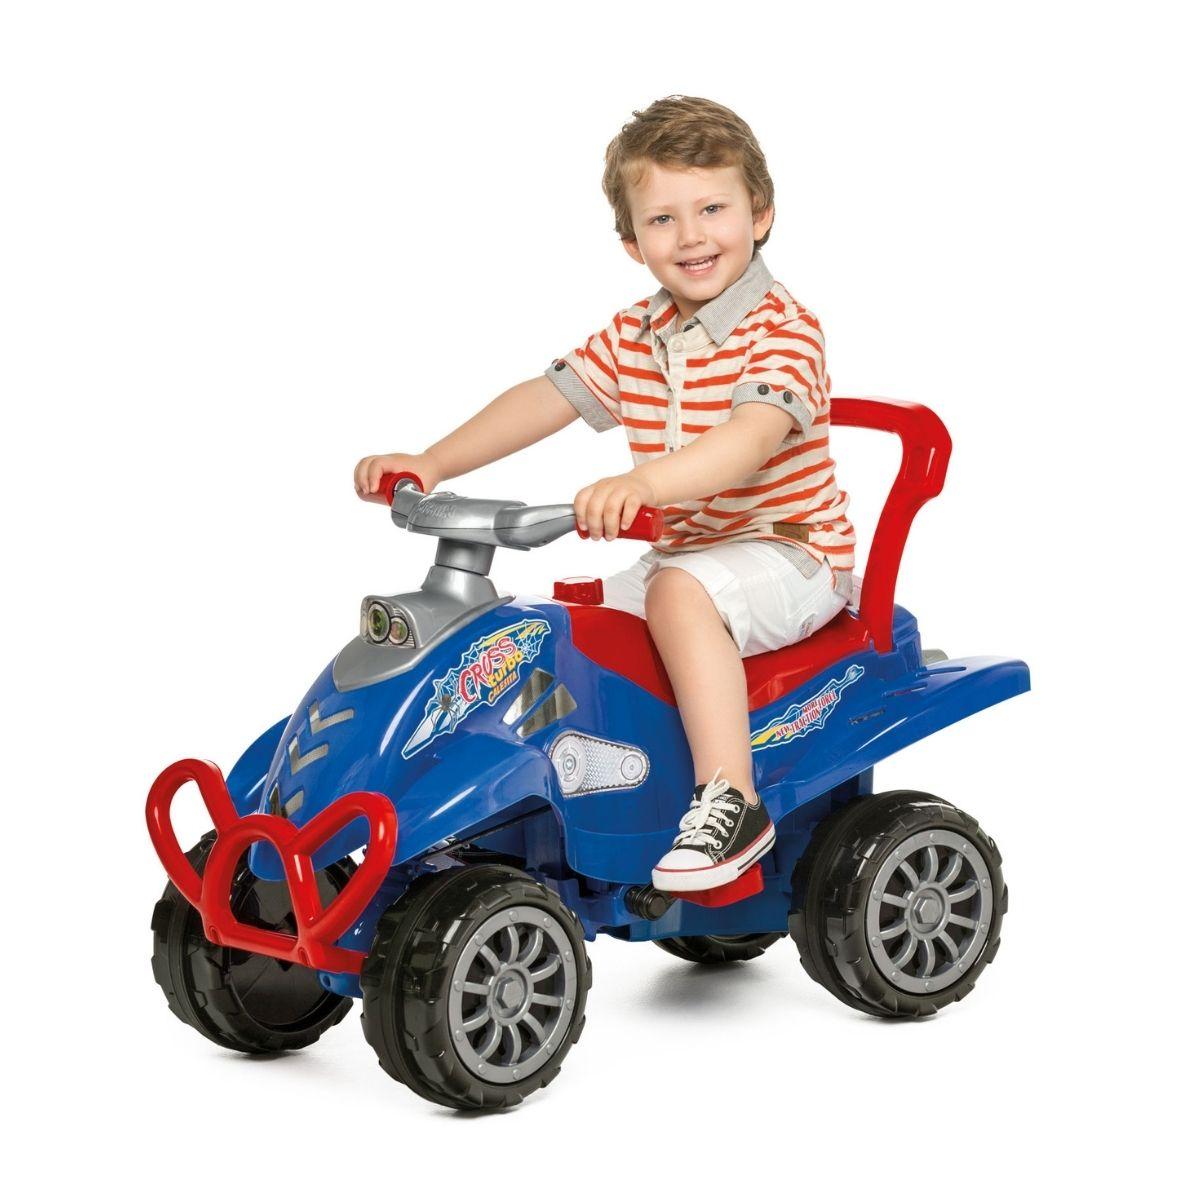 Quadriciclo Cross Turbo Azul com Empurrador